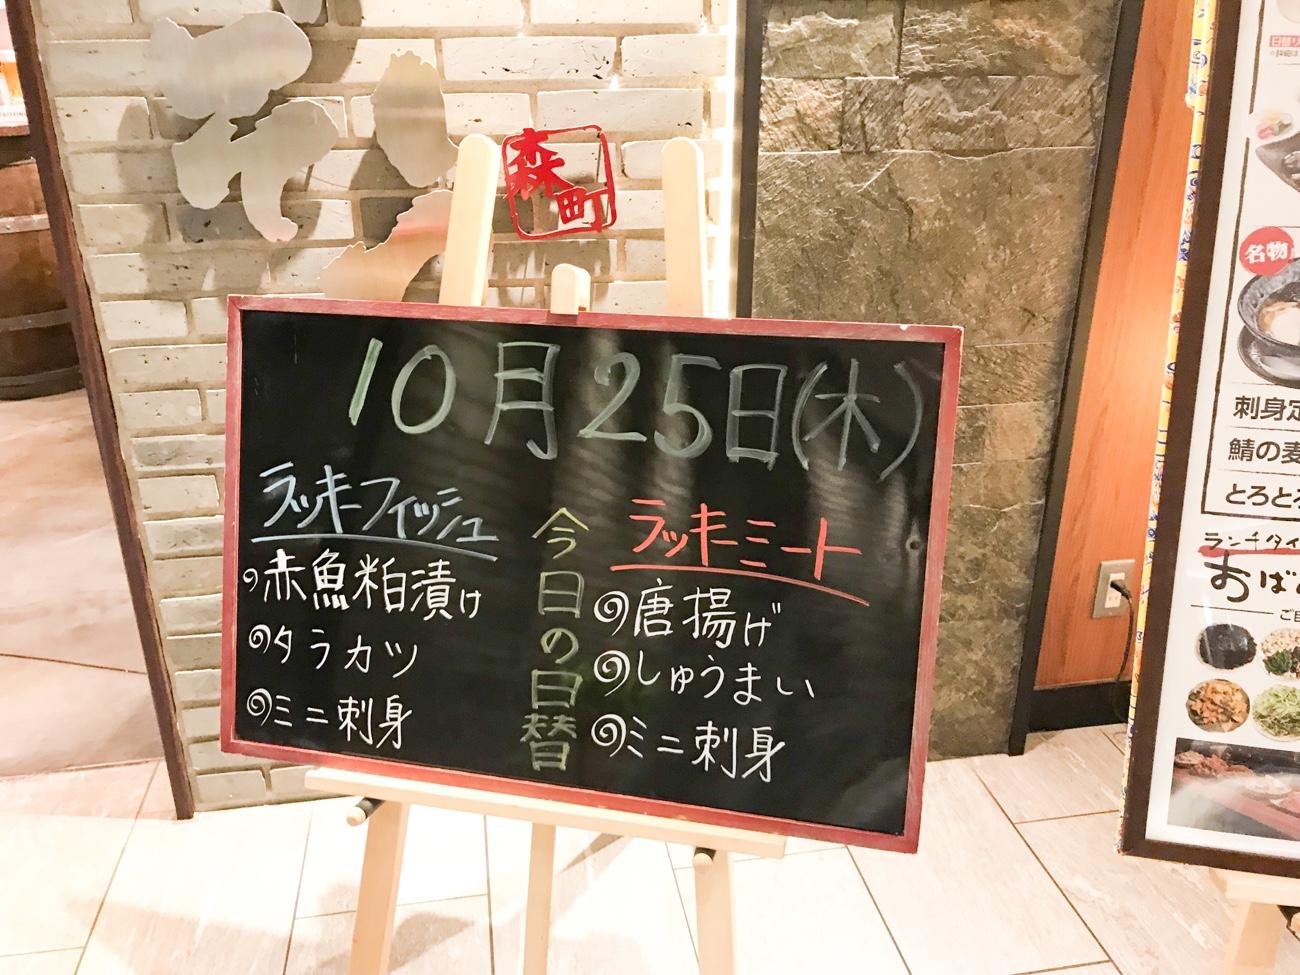 恵比寿ガーデンプレイスランチ 穴場安い食べ放題メニュー